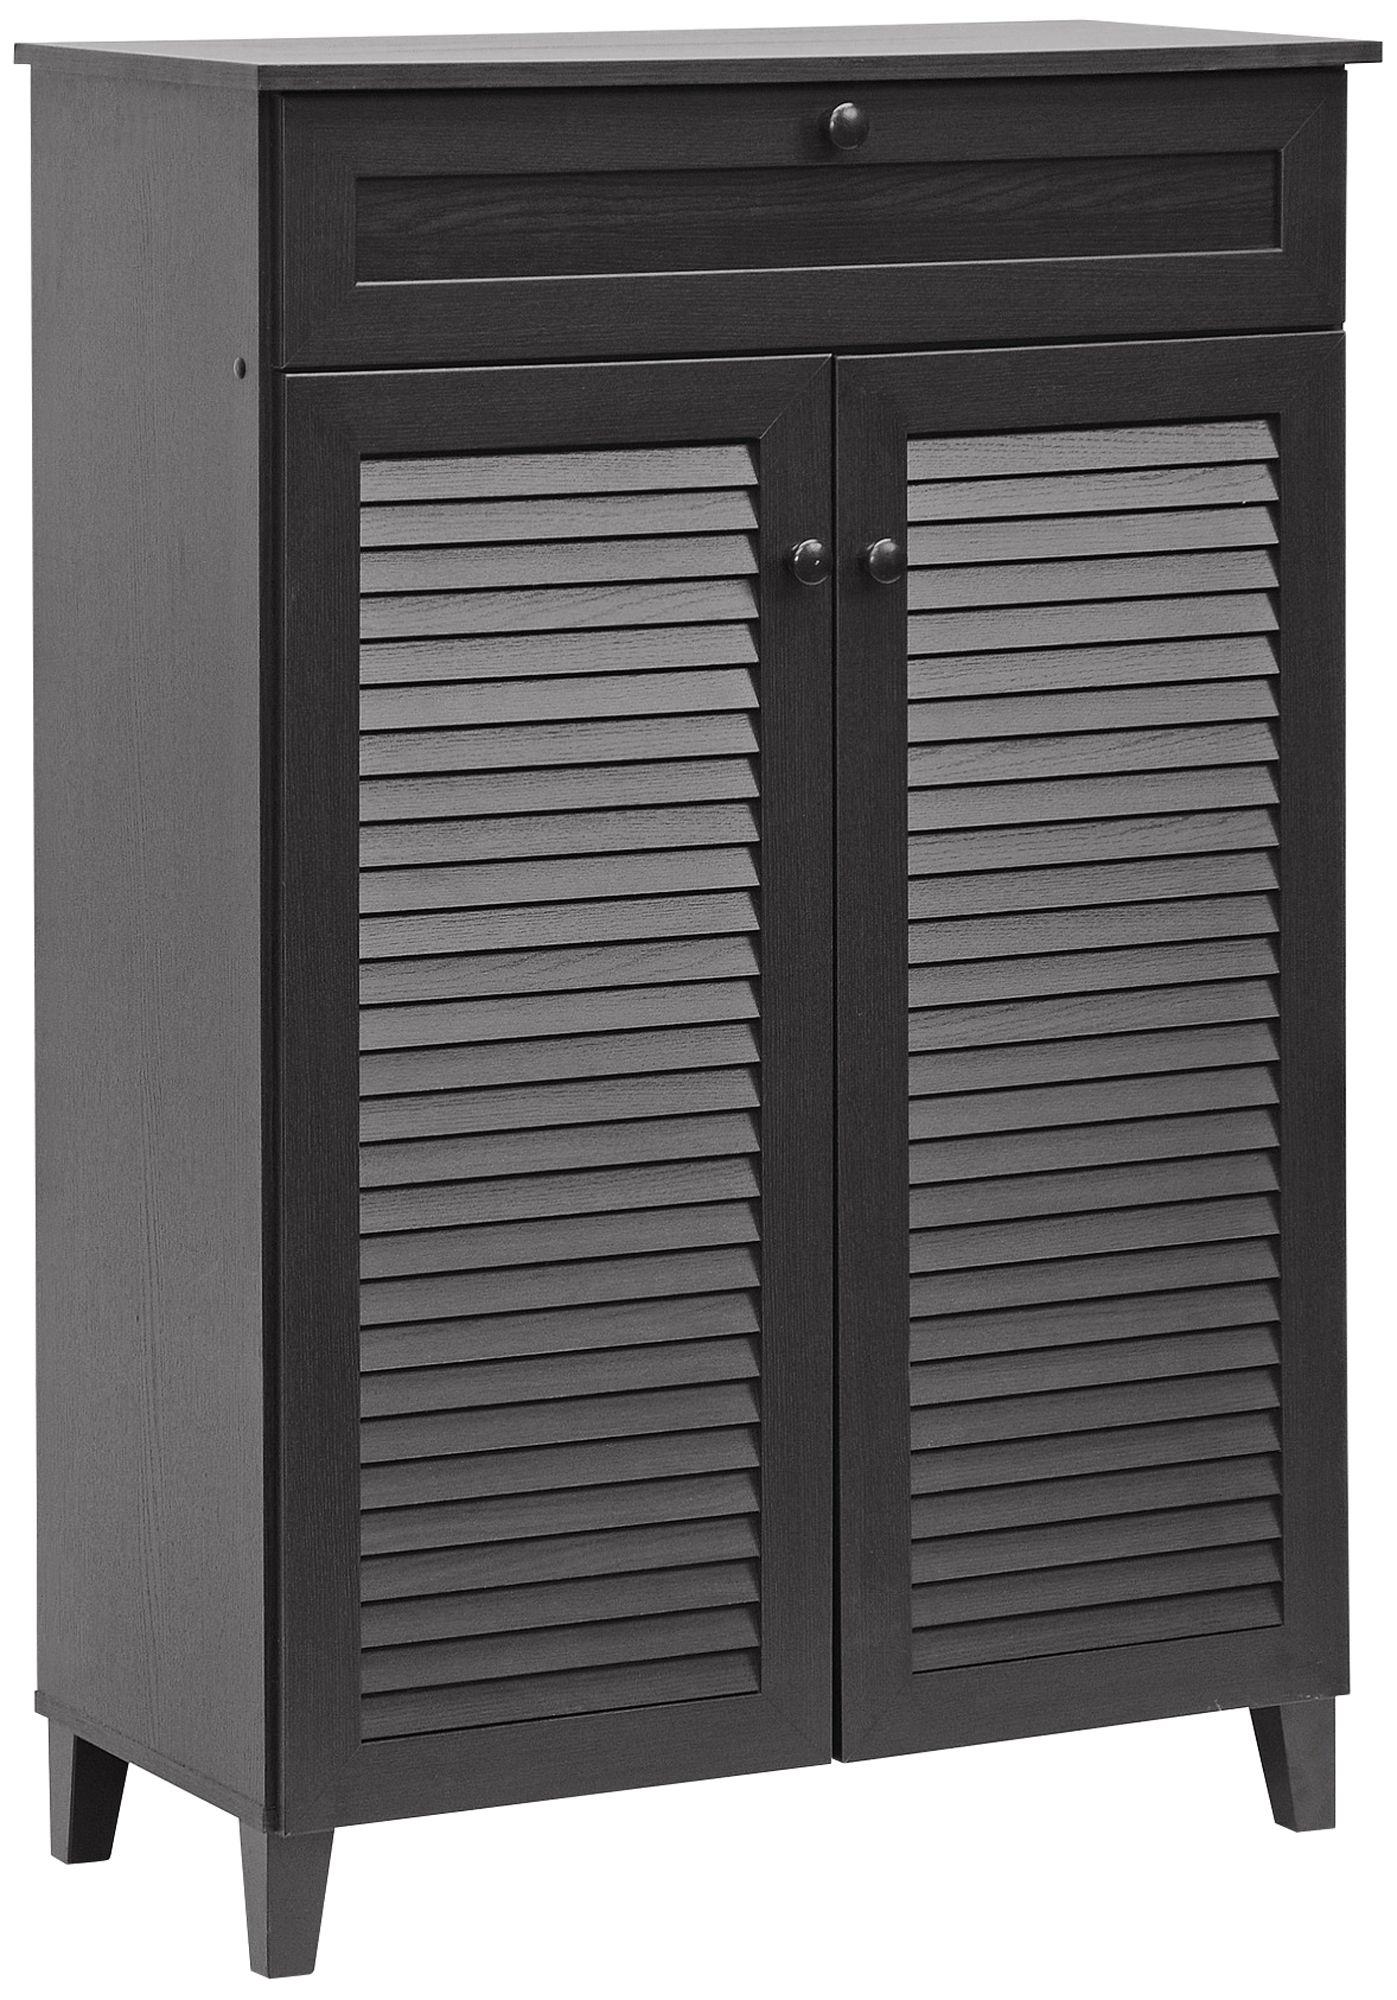 Harding Espresso 2 Door 1 Drawer Tall Shoe Cabinet